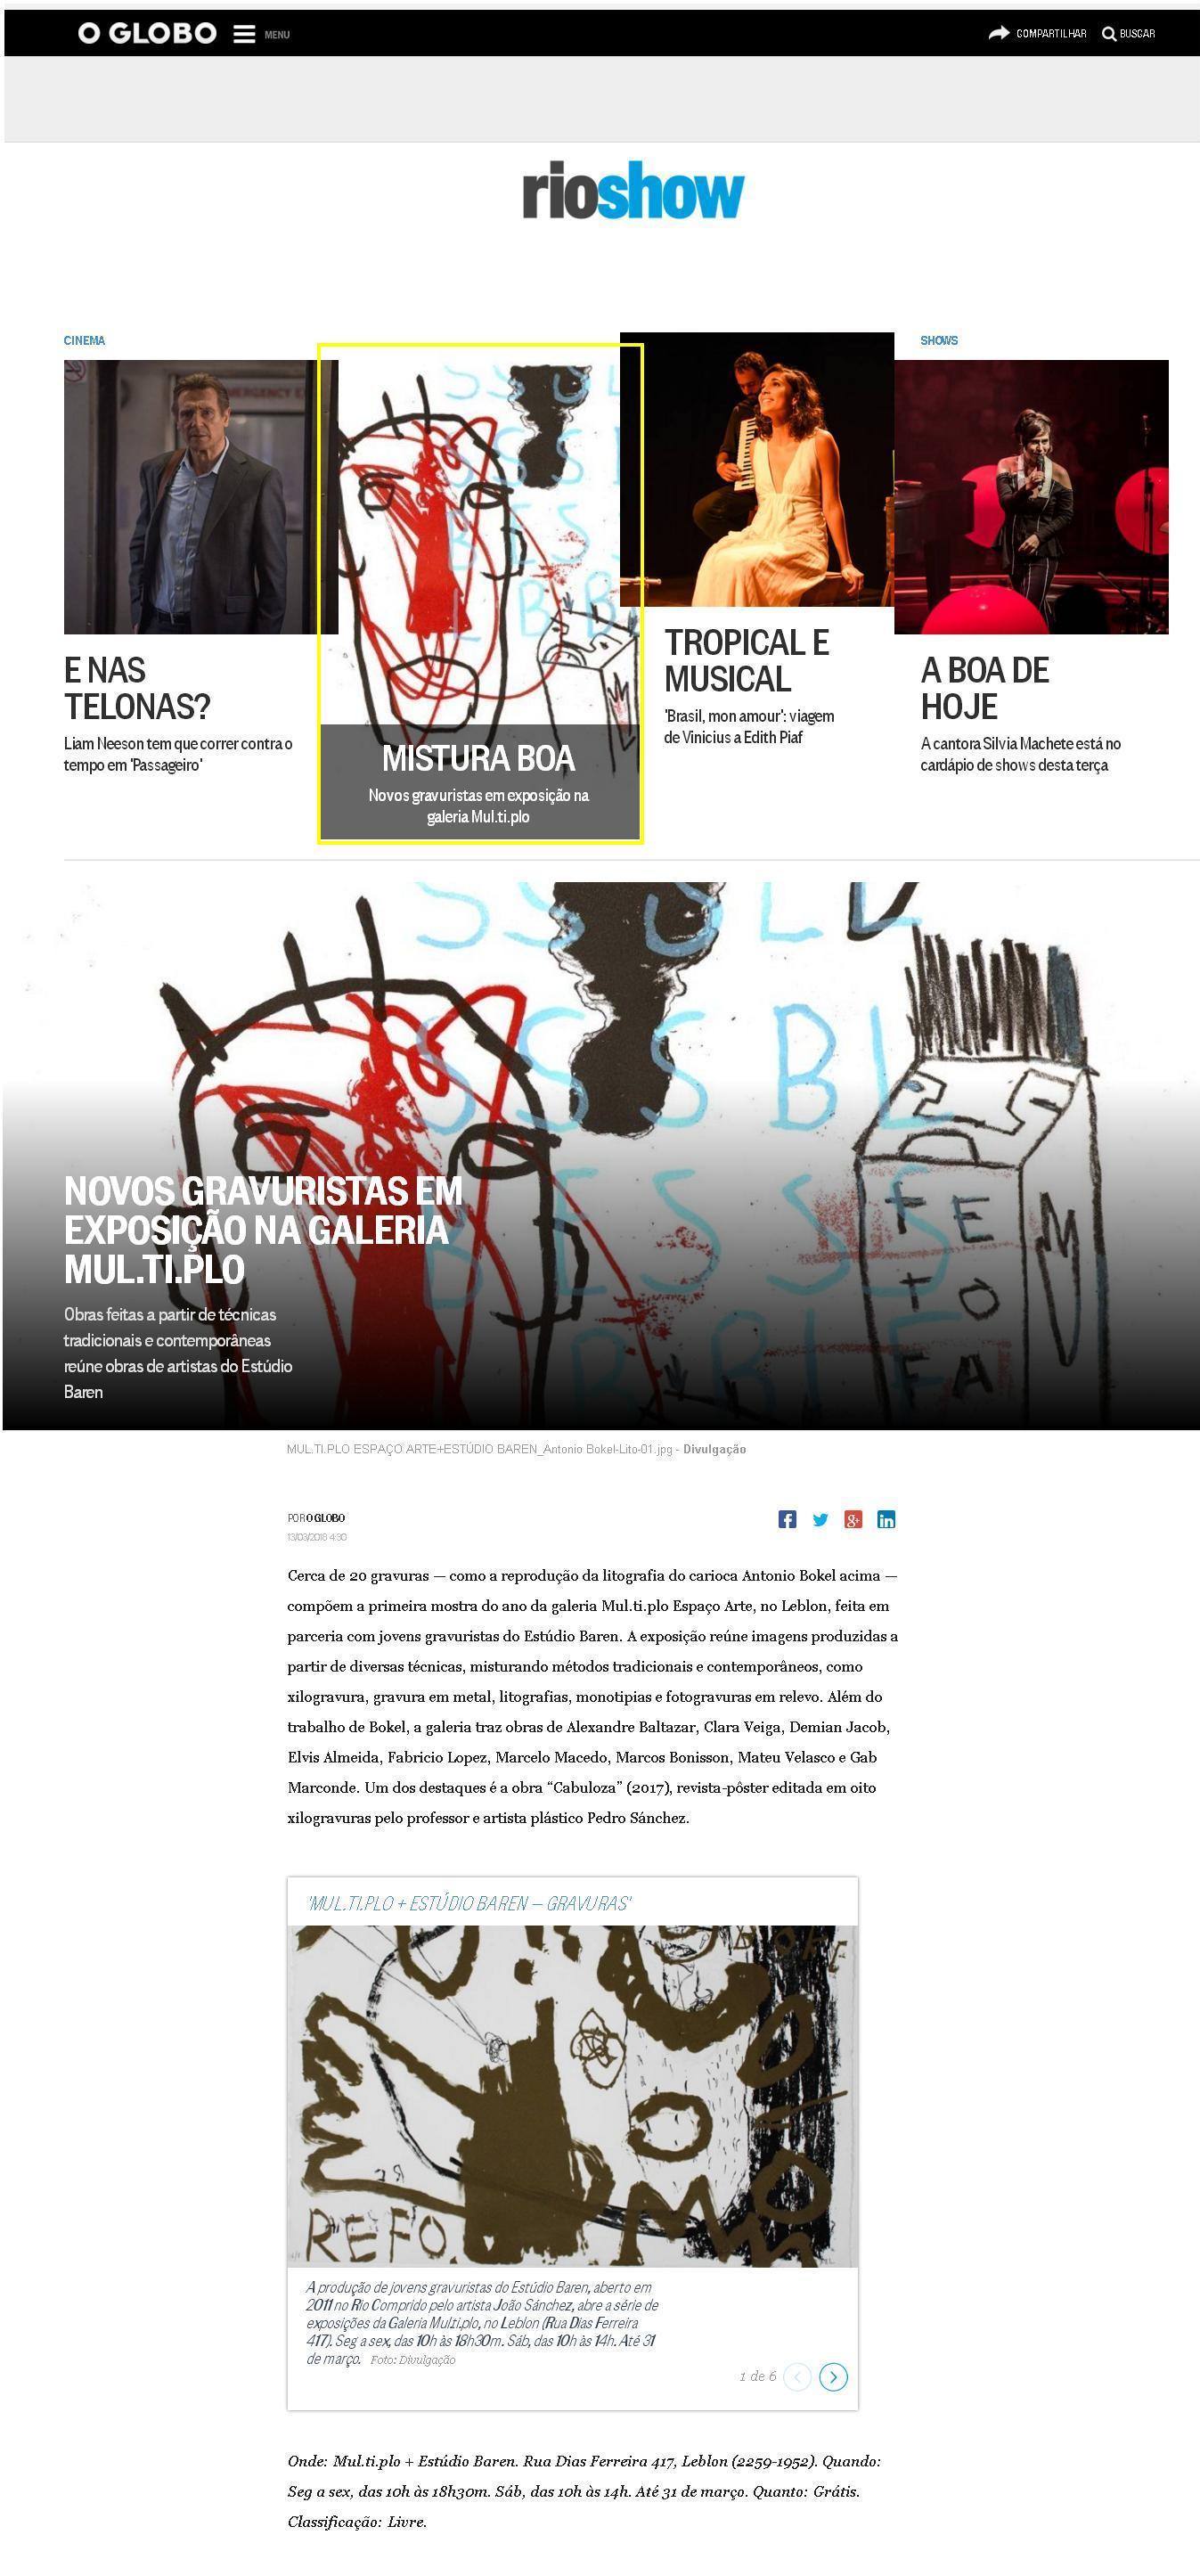 MUL.TI.PLO ESPAÇO ARTE NO RIOSHOW ONLINE 13.03.JPG